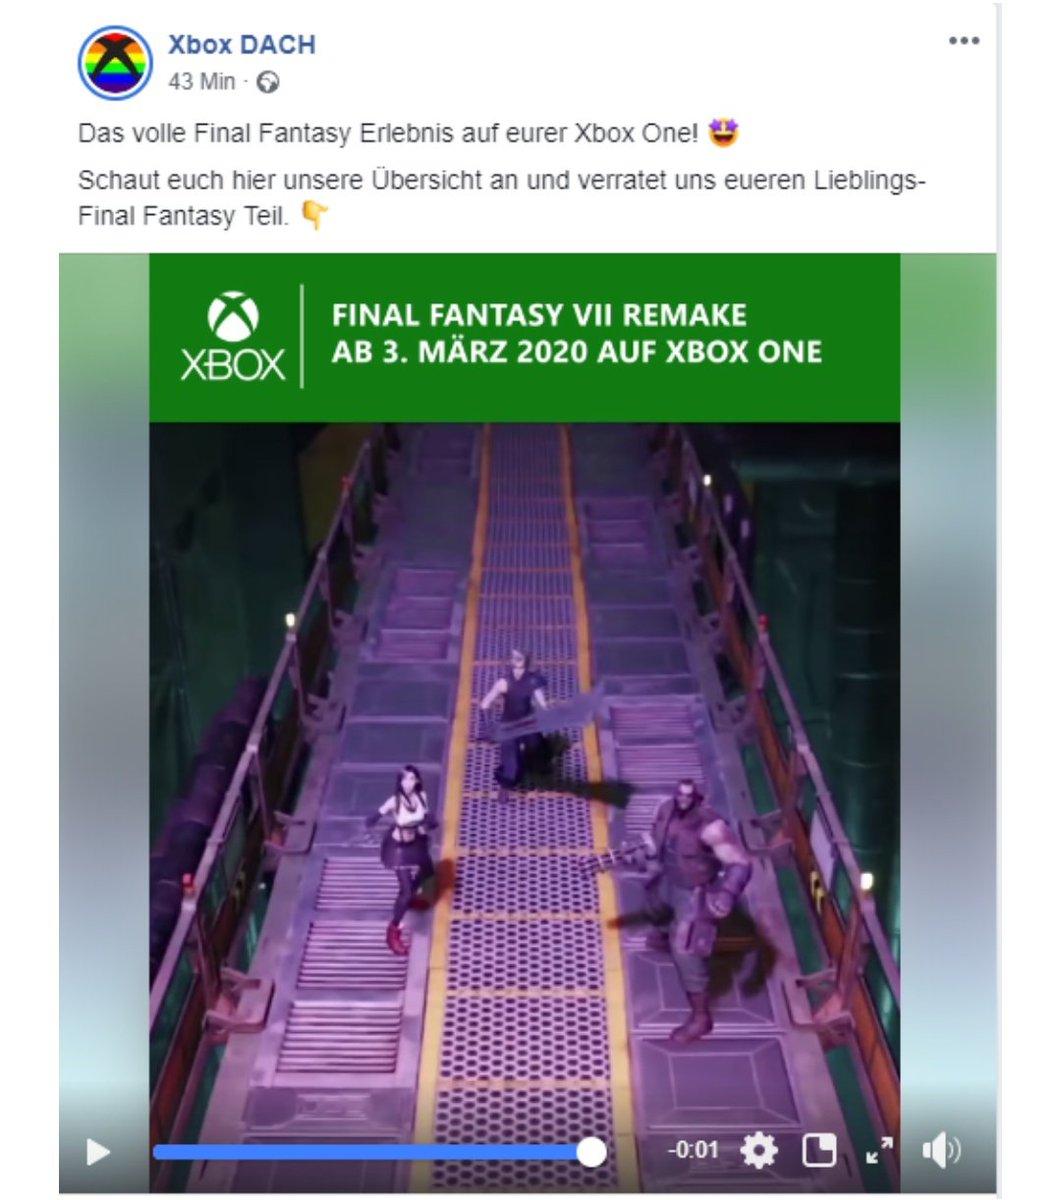 Final Fantasy VII Remake solo confirma su lanzamiento en PS4